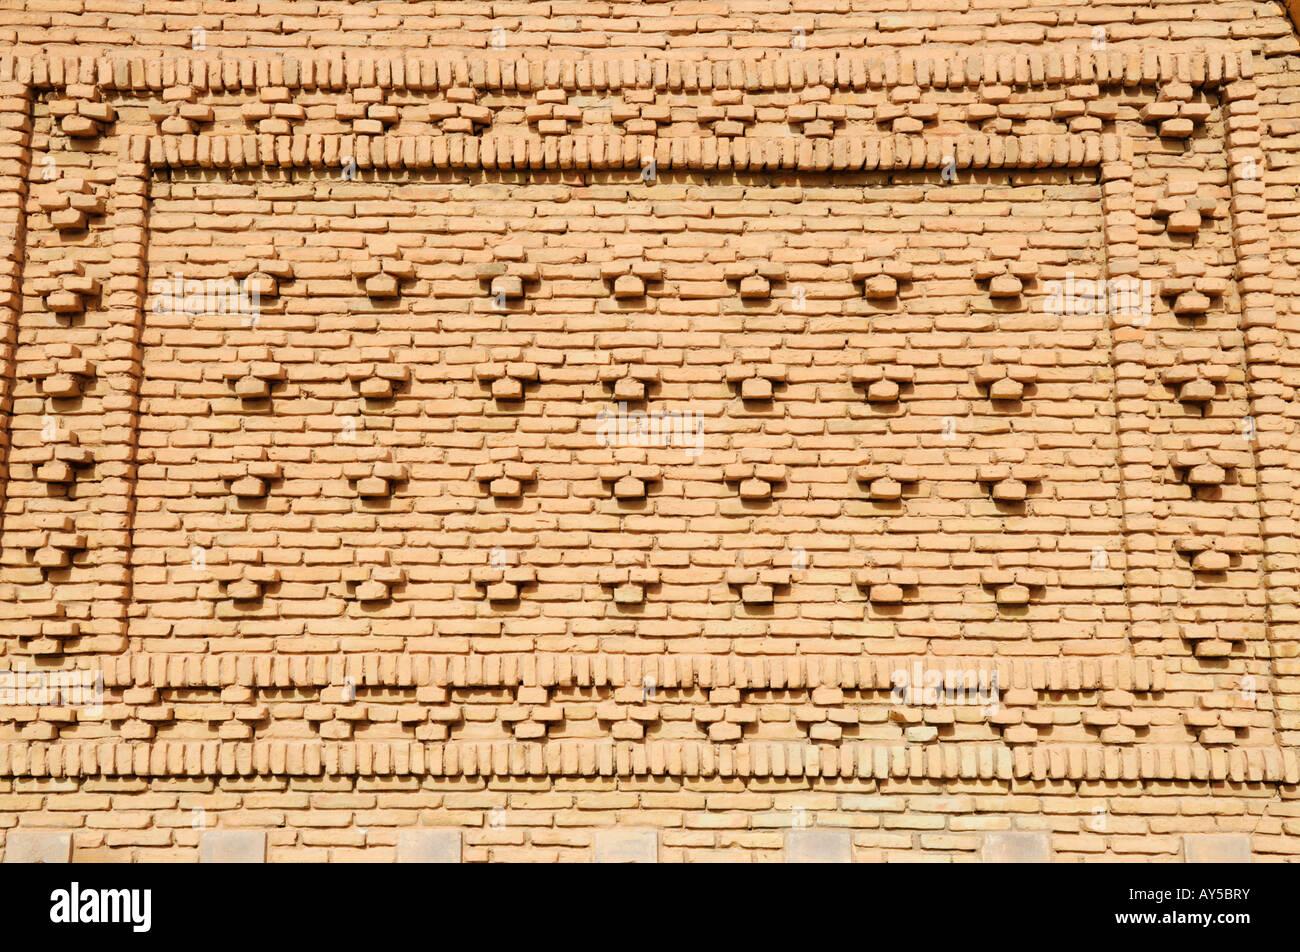 Patterned Brickwork, Nefta, Tunisia - Stock Image